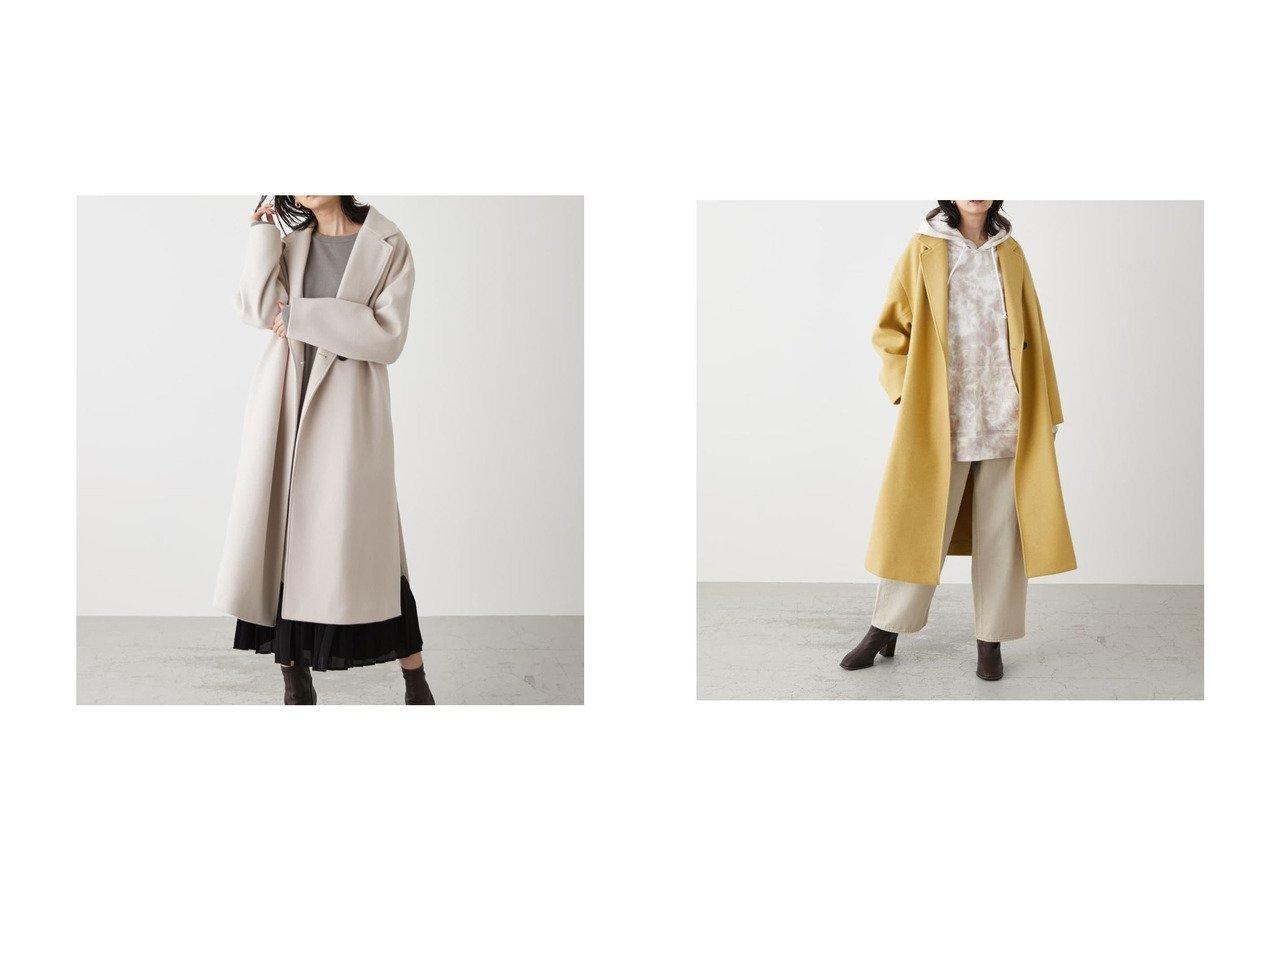 【AZUL by moussy/アズール バイ マウジー】のBEG1 アウターのおすすめ!人気、トレンド・レディースファッションの通販 おすすめで人気の流行・トレンド、ファッションの通販商品 メンズファッション・キッズファッション・インテリア・家具・レディースファッション・服の通販 founy(ファニー) https://founy.com/ ファッション Fashion レディースファッション WOMEN アウター Coat Outerwear コート Coats 洗える スリット チェスターコート デニム パーカー プリーツ 防寒 A/W 秋冬 AW Autumn/Winter / FW Fall-Winter 冬 Winter 2020年 2020 2020-2021 秋冬 A/W AW Autumn/Winter / FW Fall-Winter 2020-2021  ID:crp329100000015038